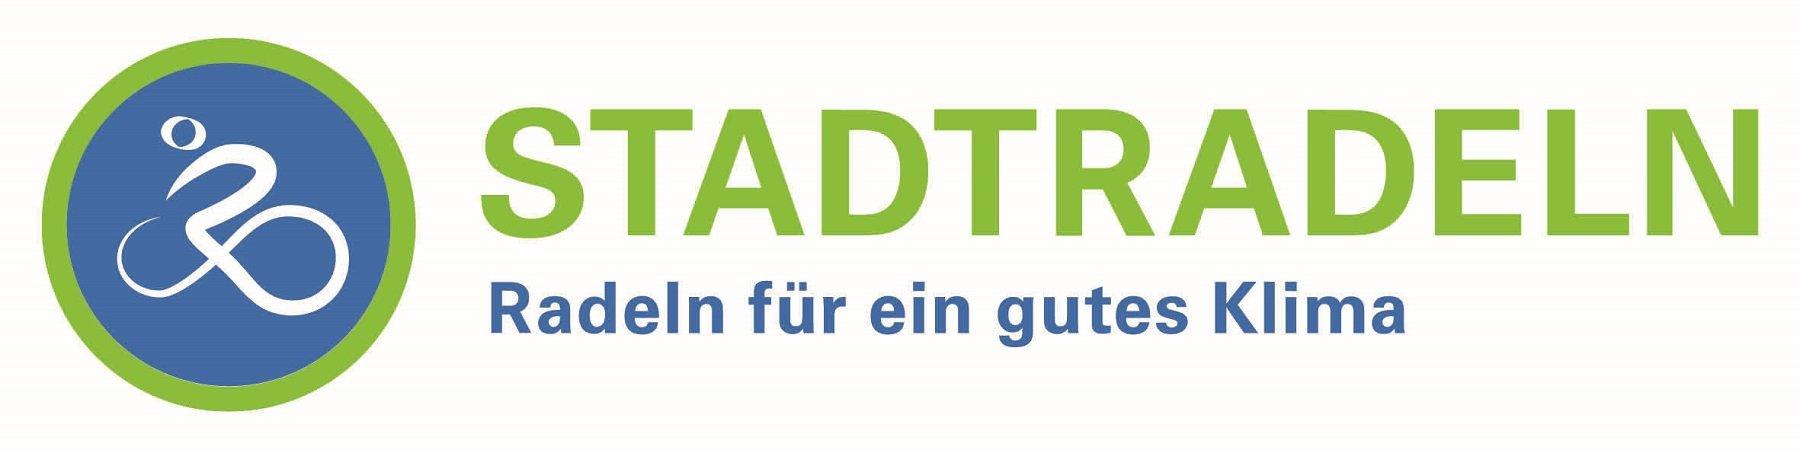 Die Grafik zeigt das Stadtradeln-Logo. Darauf ist zu lesen: Stadtradeln. Radeln für ein gutes Klima.